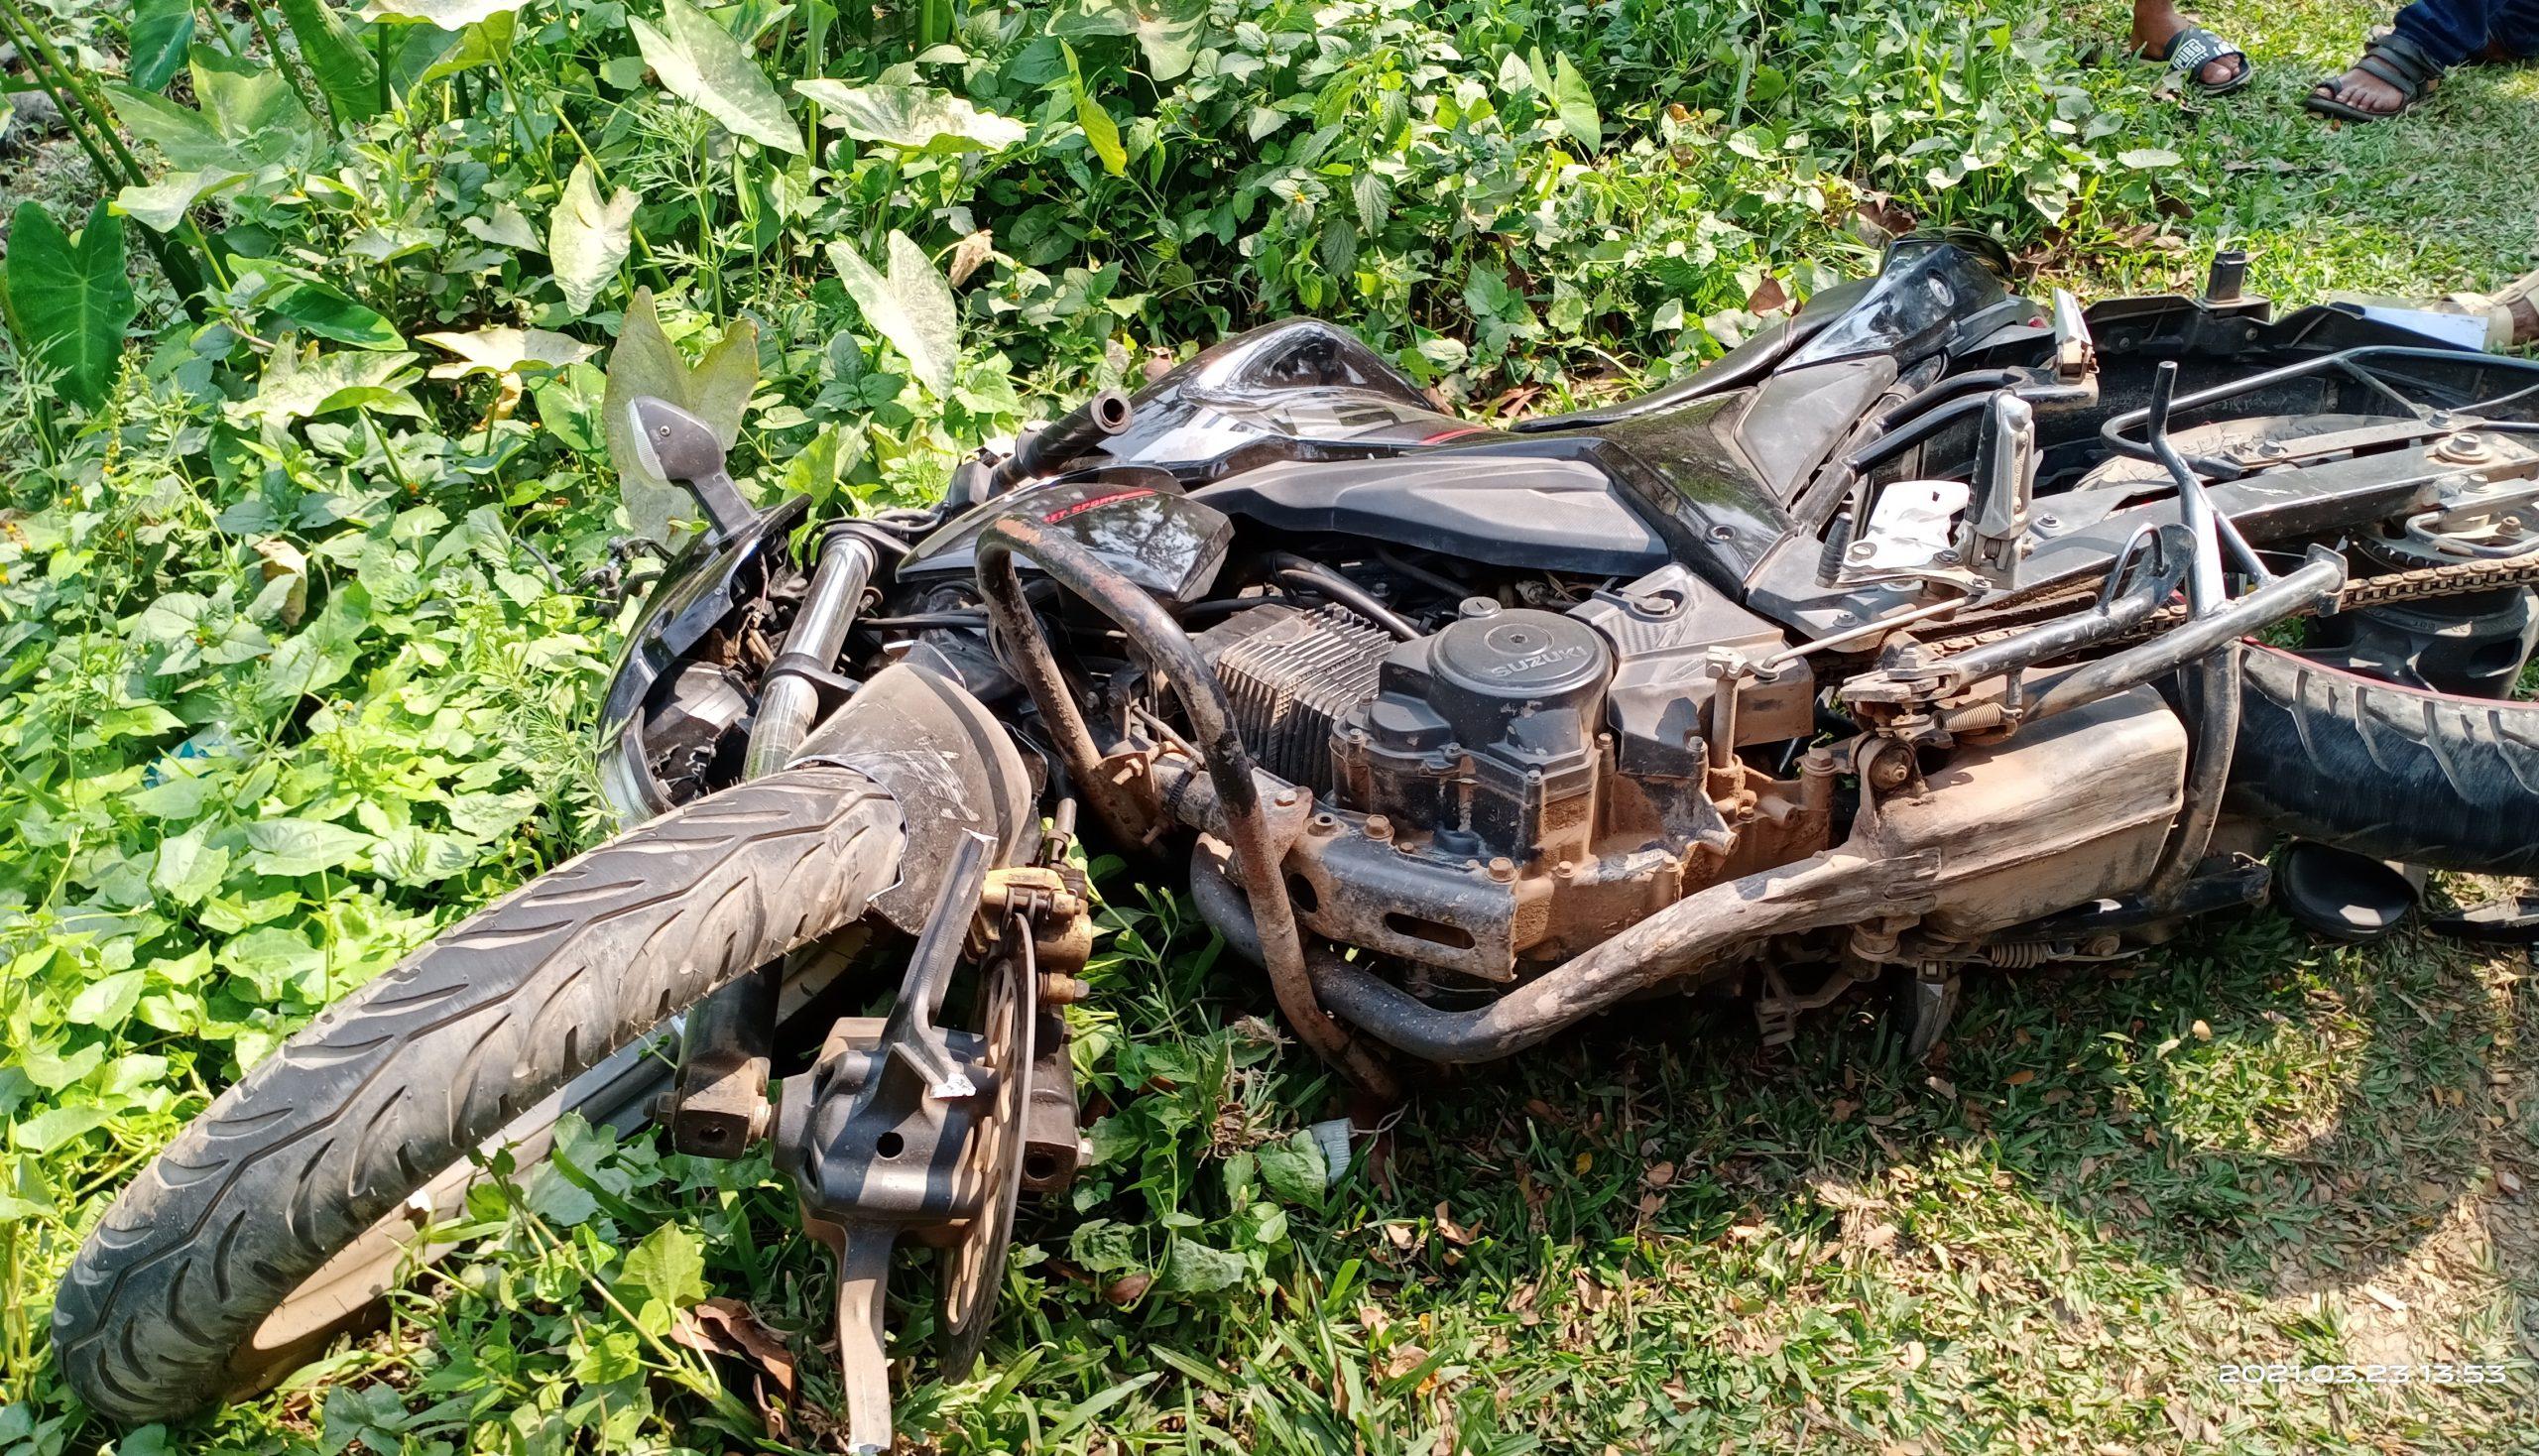 কাউখালীতে মোটর সাইকেল দূর্ঘটনায় যুবক নিহত